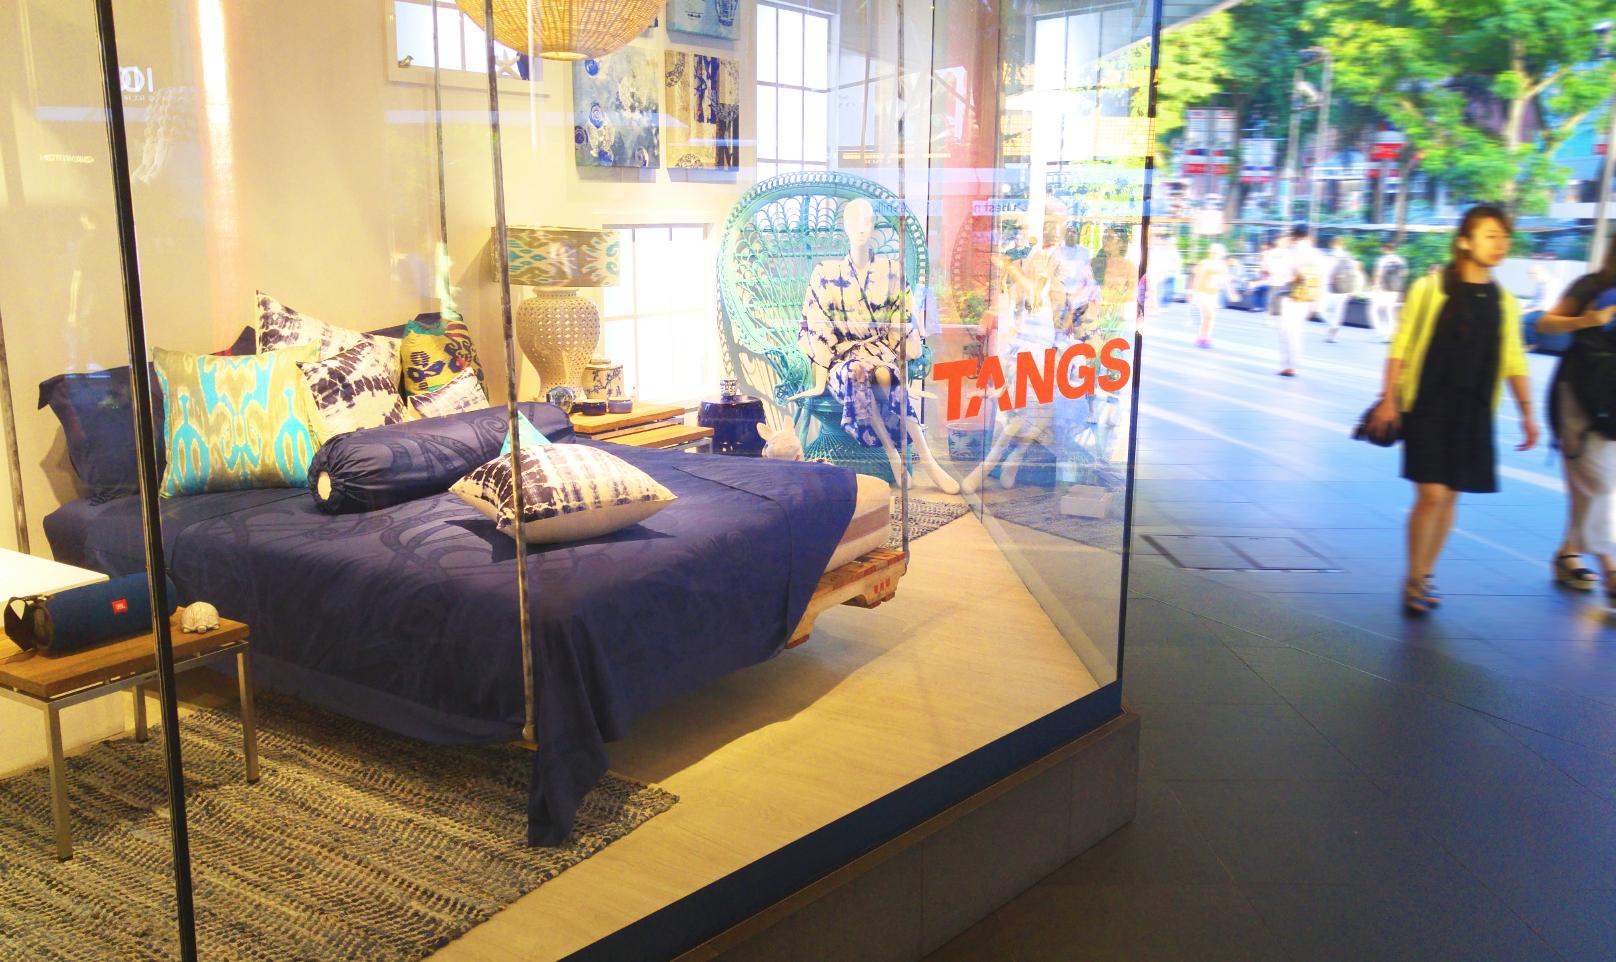 Tangs 2016 Summer Window Display